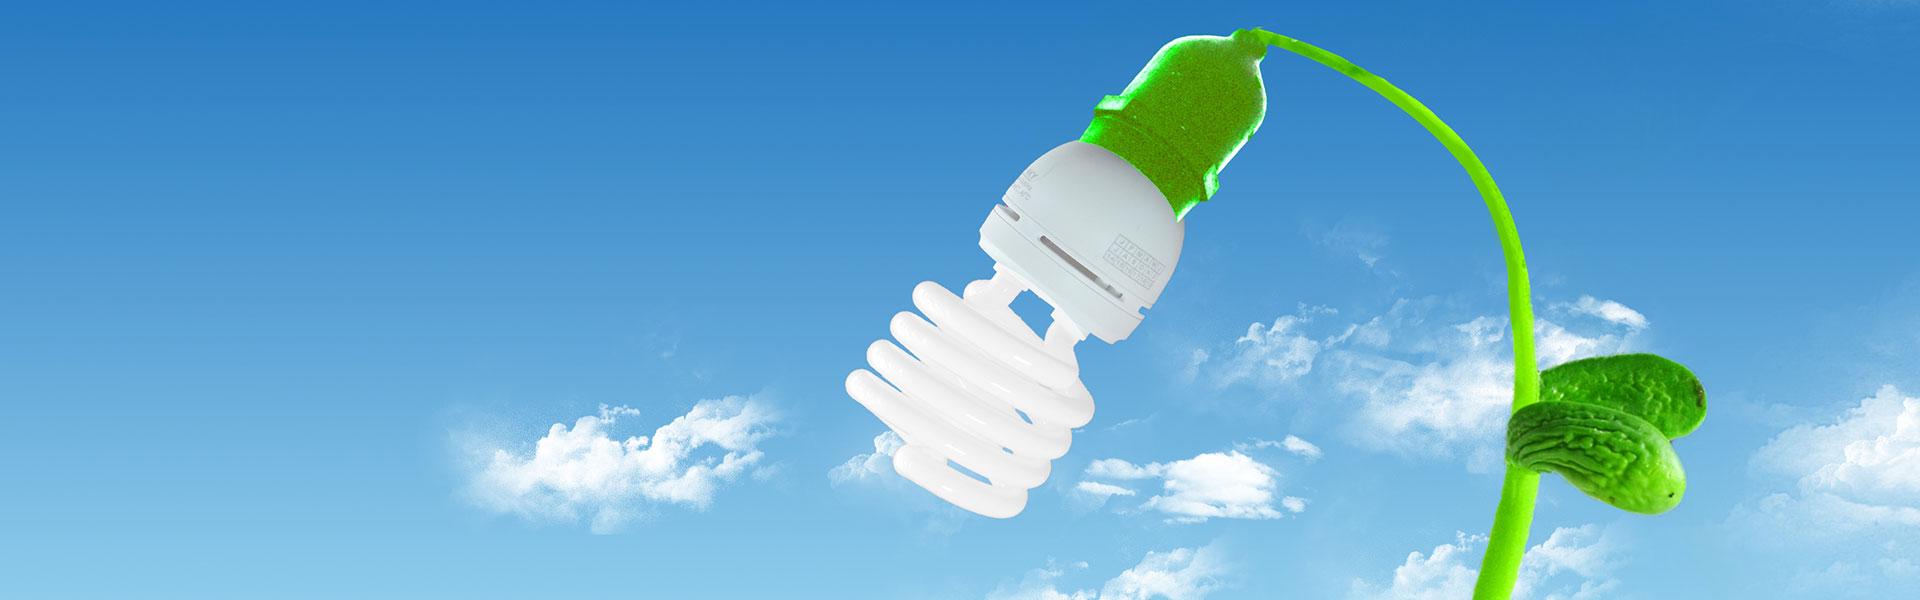 节能环保型号外转子风机越来越成为市场的宠儿